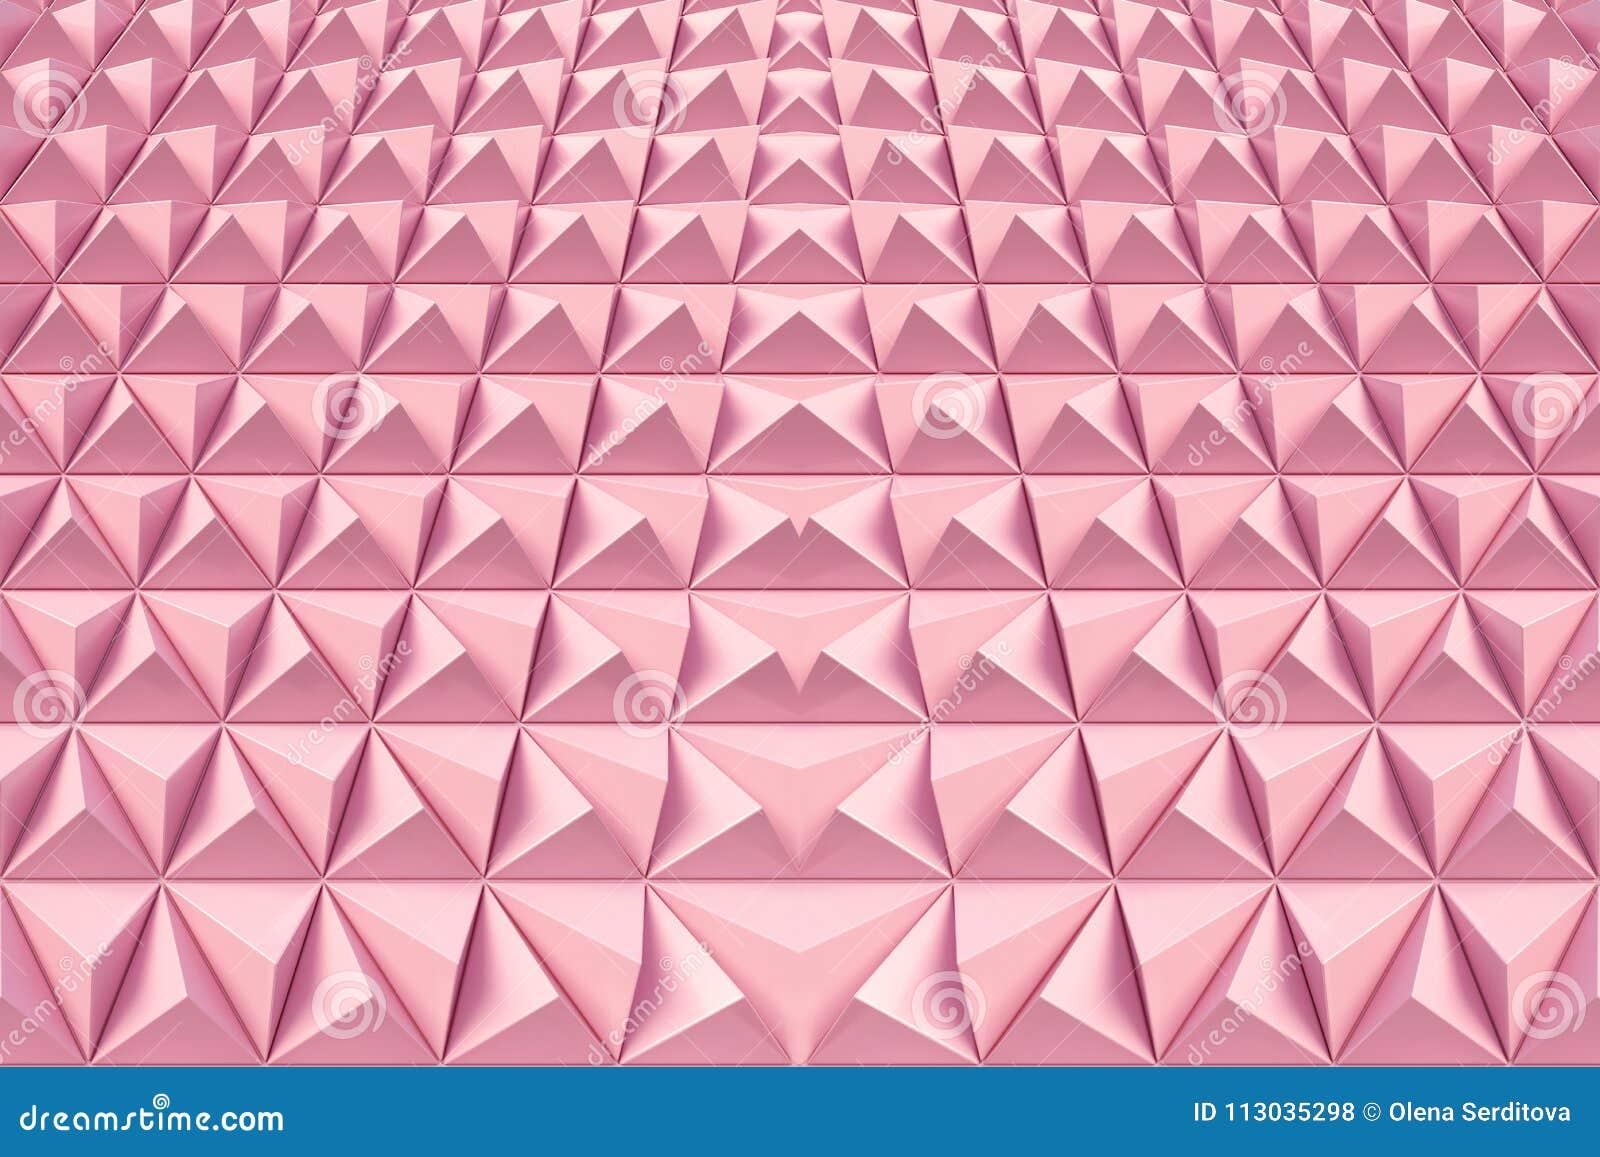 Fondo abstracto de la forma poligonal